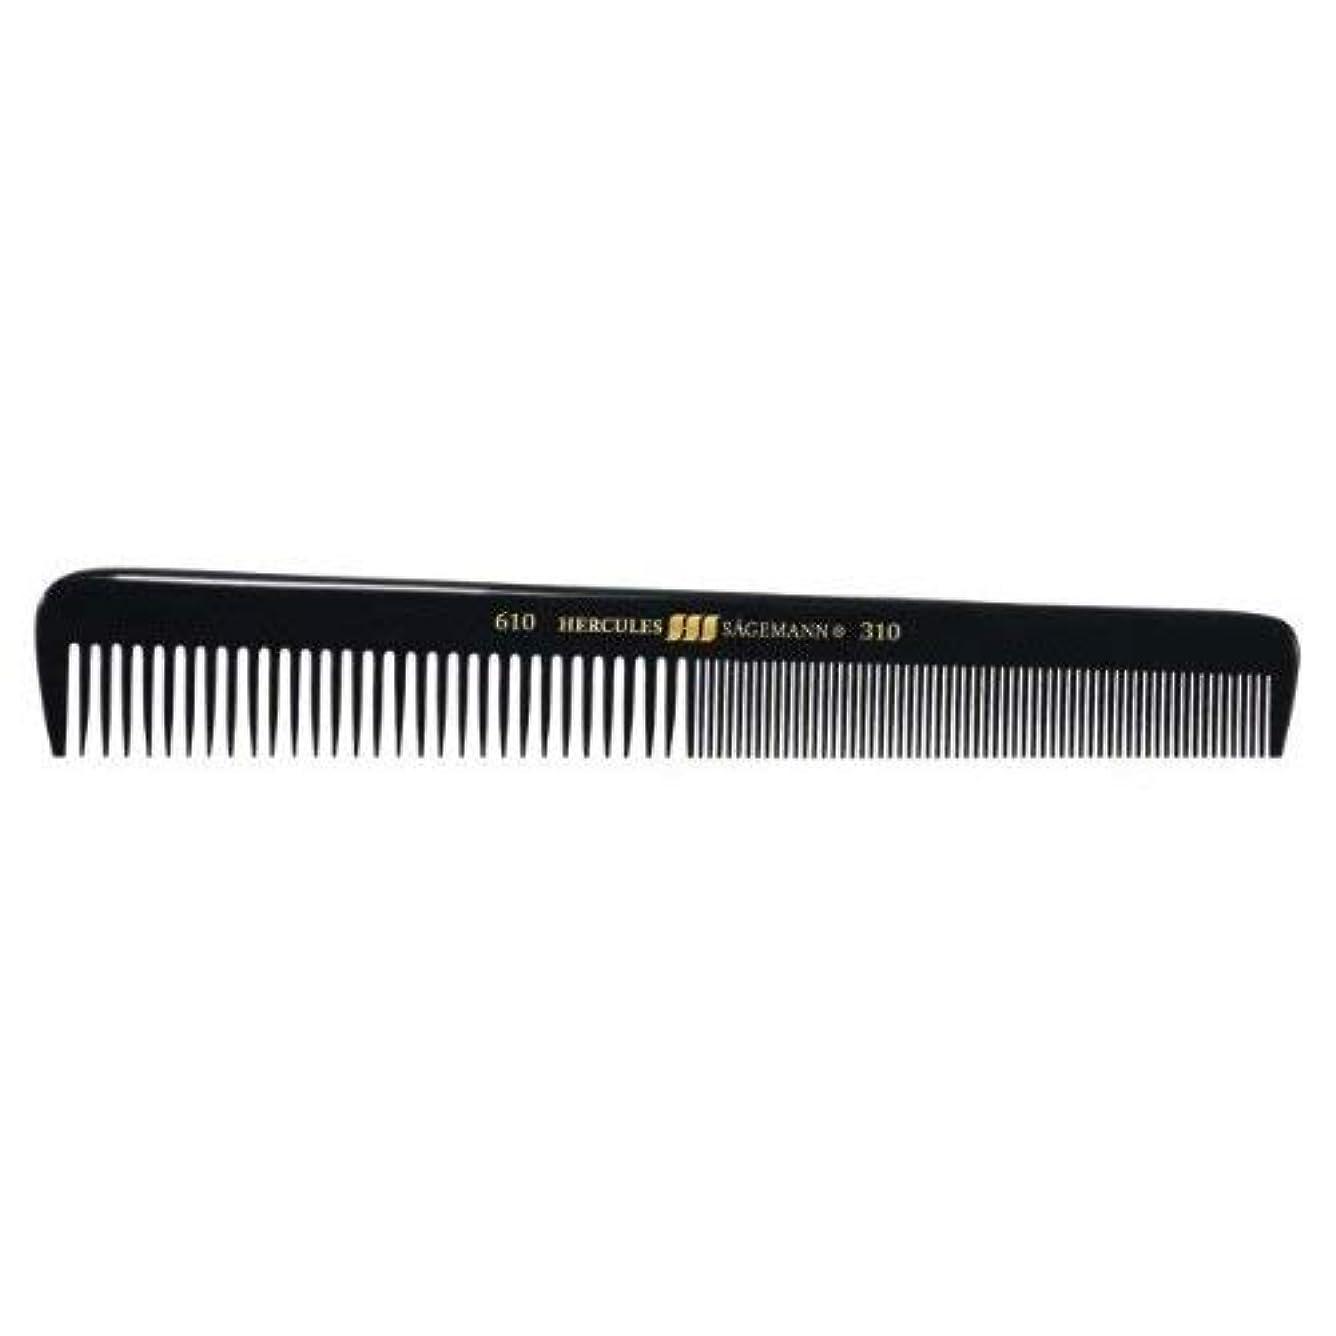 ダーベビルのテス激しい着実にHercules S?gemann Gents Comb for short hair | Ebonite - Made in Germany [並行輸入品]